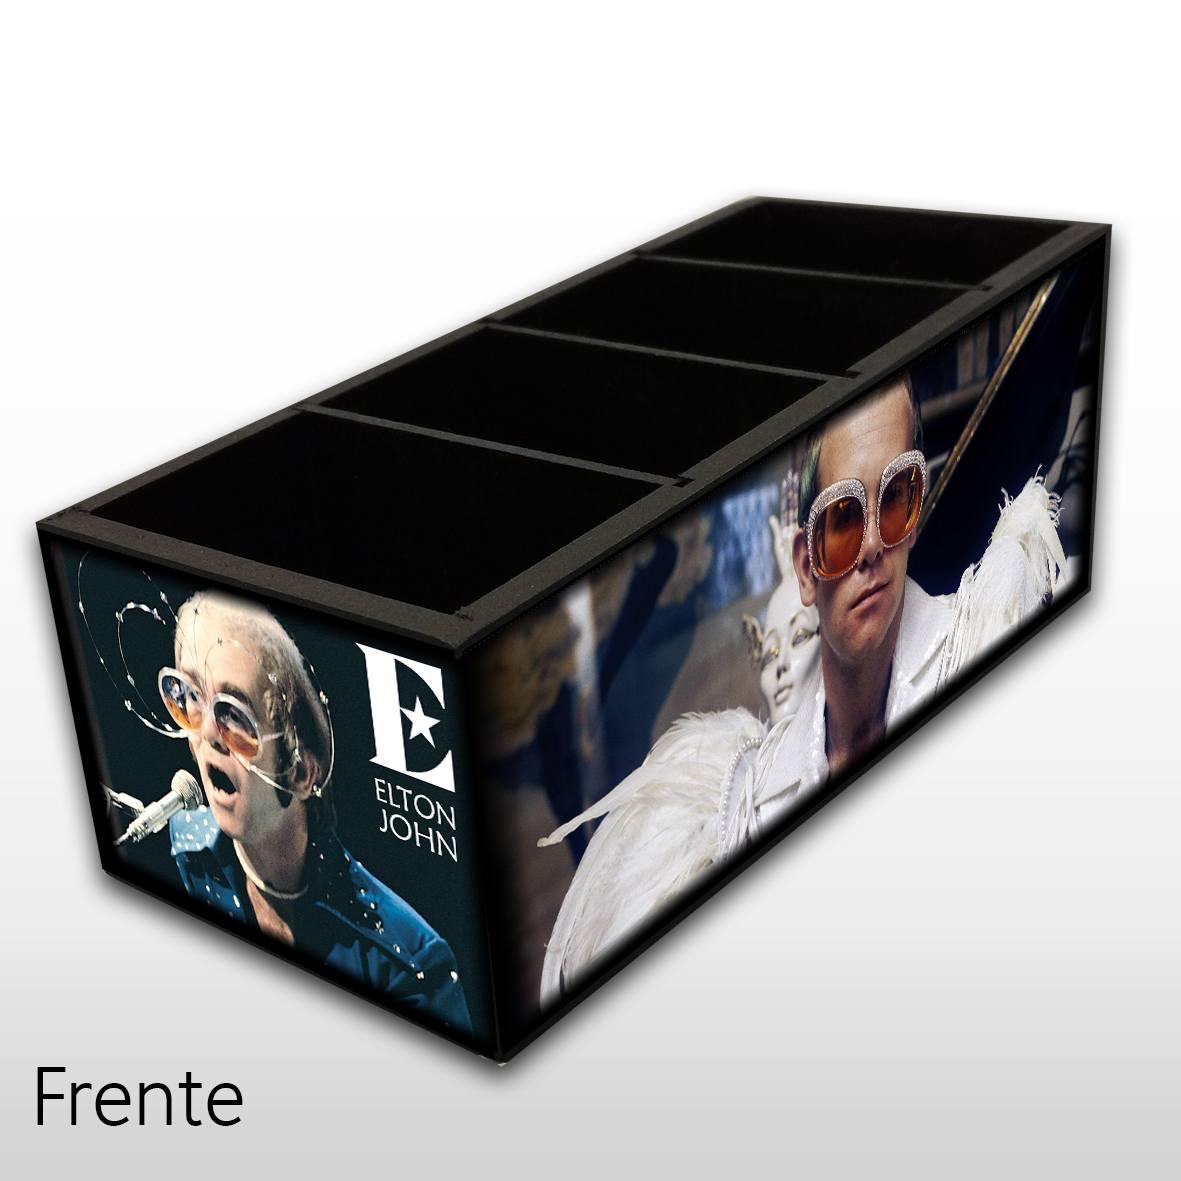 Elton John - Porta Controles em Madeira MDF - 4 Espaços - Mr. Rock